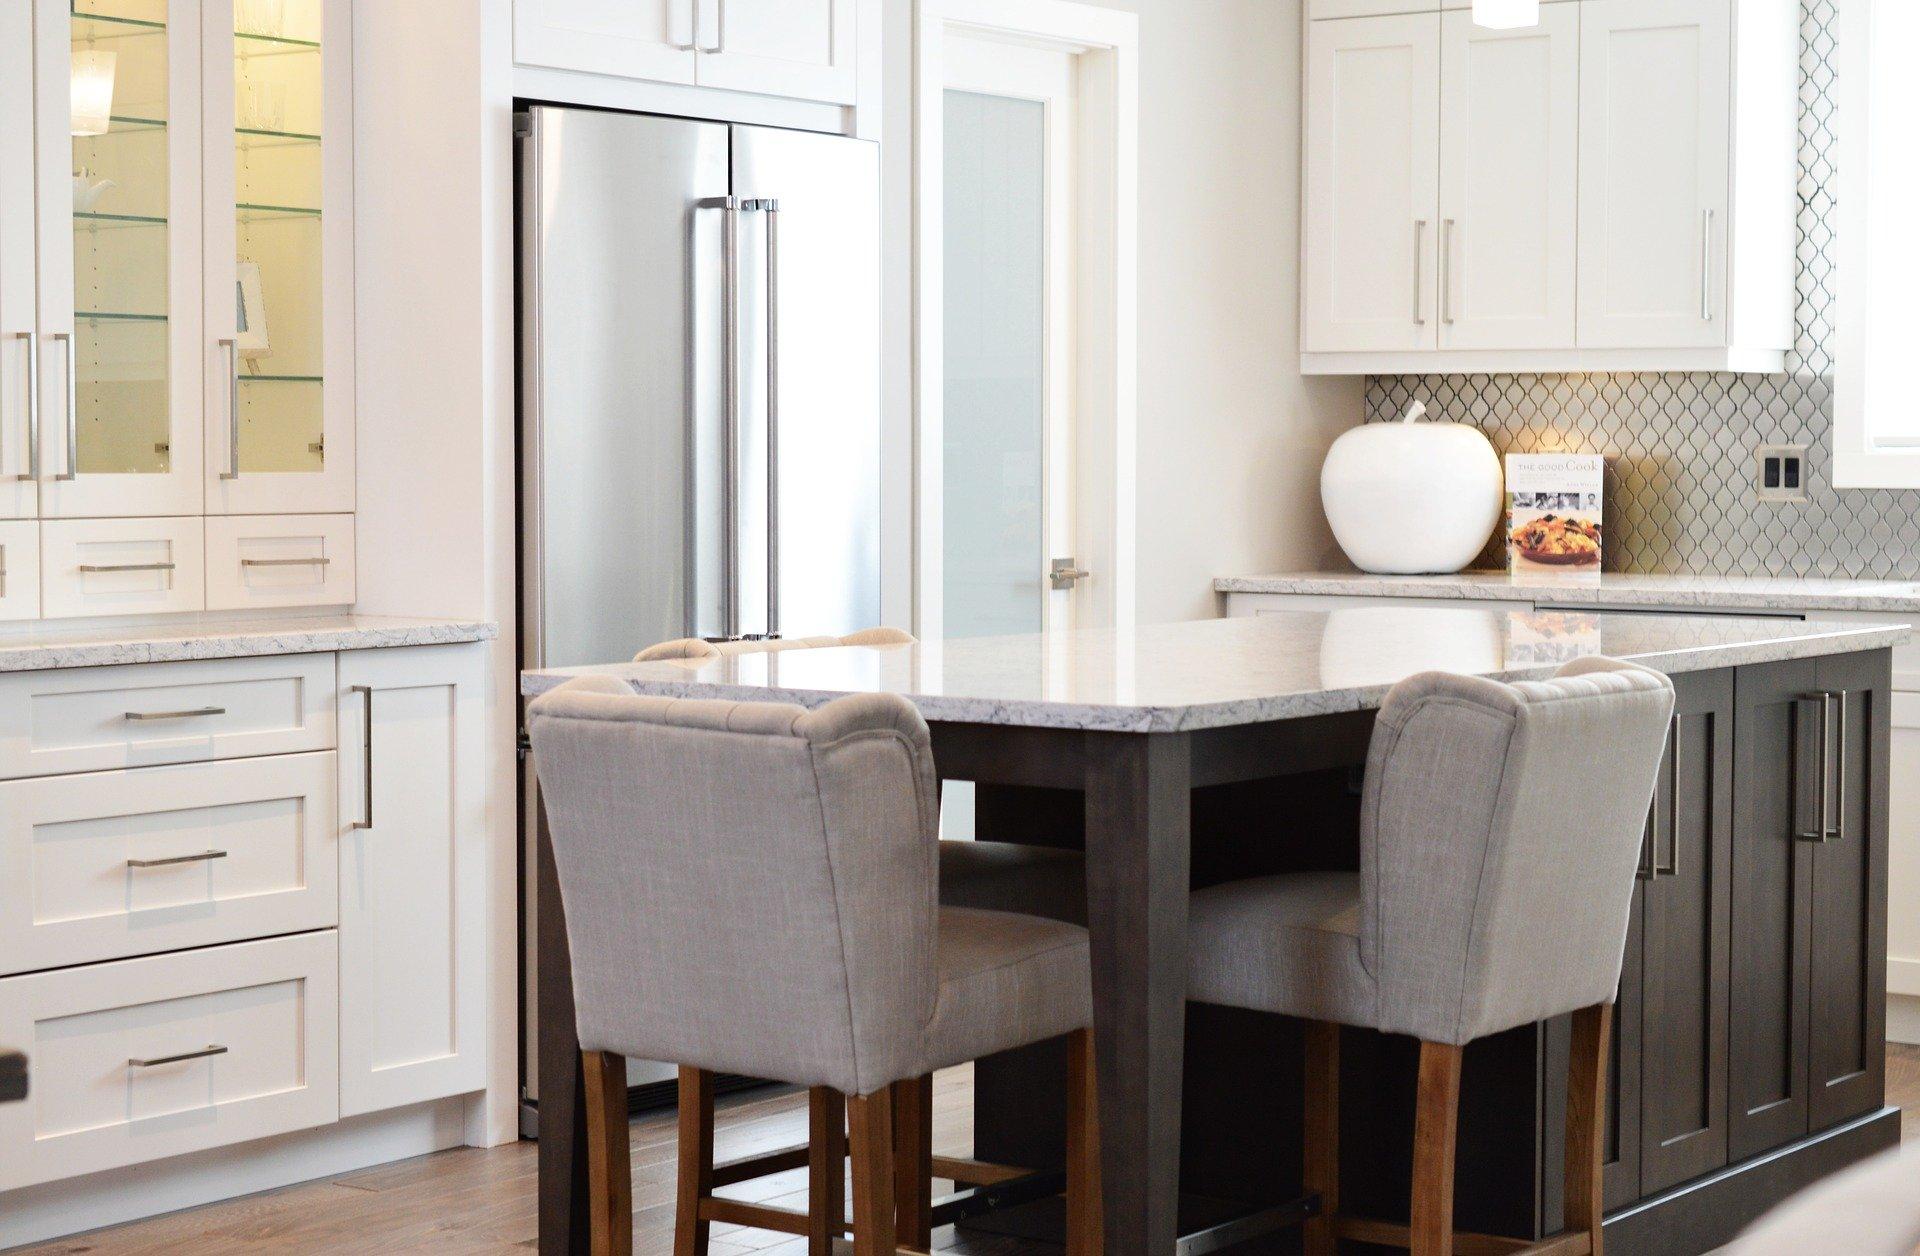 Kuchnie i meble kuchenne – projekt, realizacja i montaż